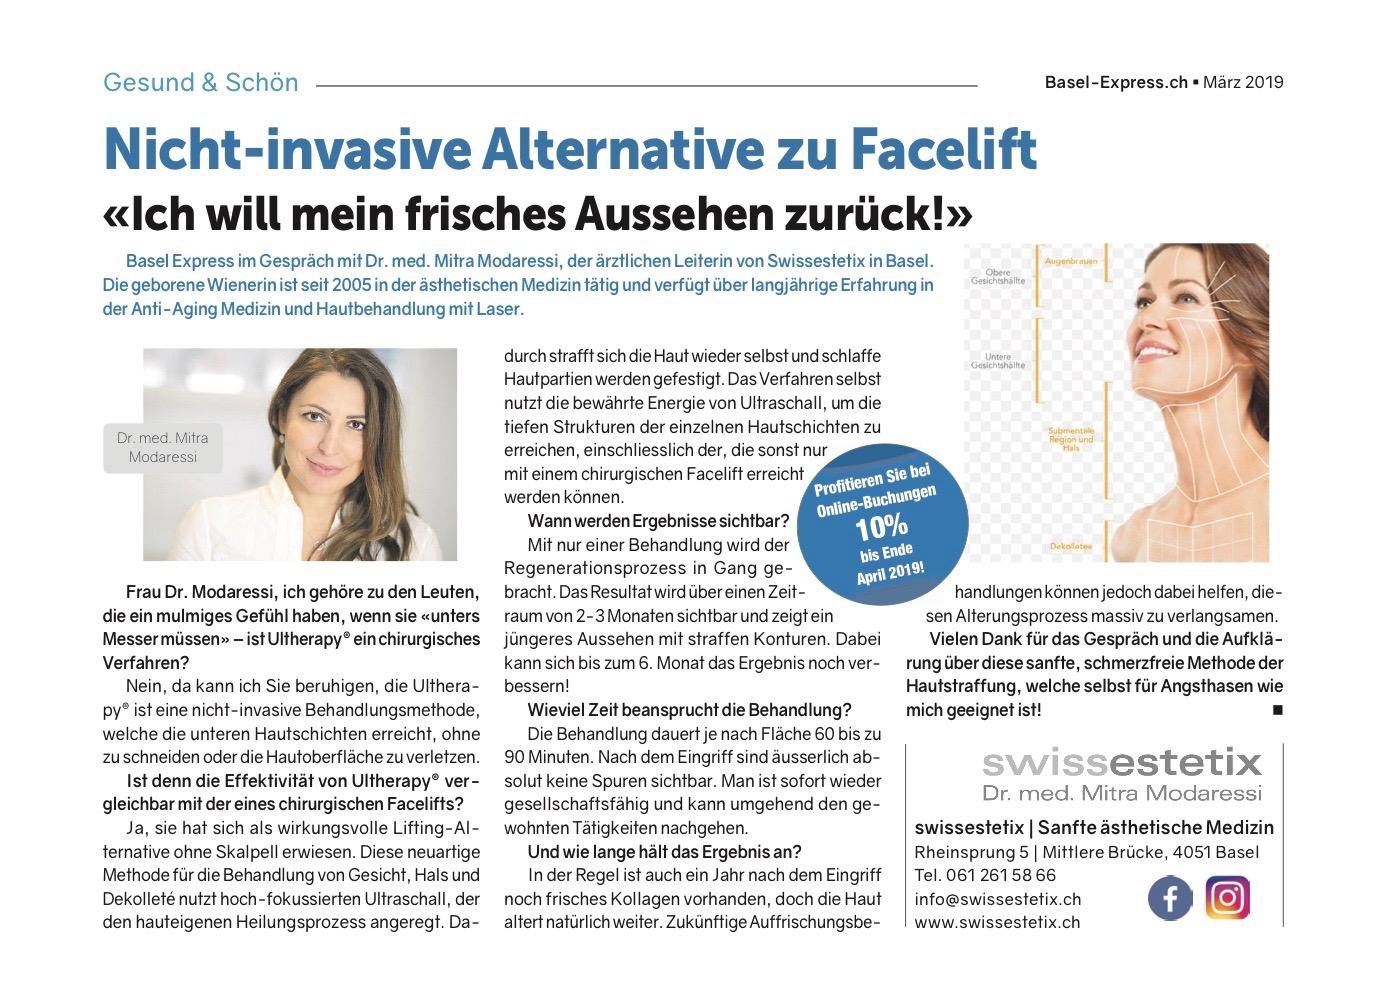 Basel Express im Gespräch mit Dr. med. Mitra Modaressi, die Expertin für ästhetische Gesichtsbehandlungen in Basel